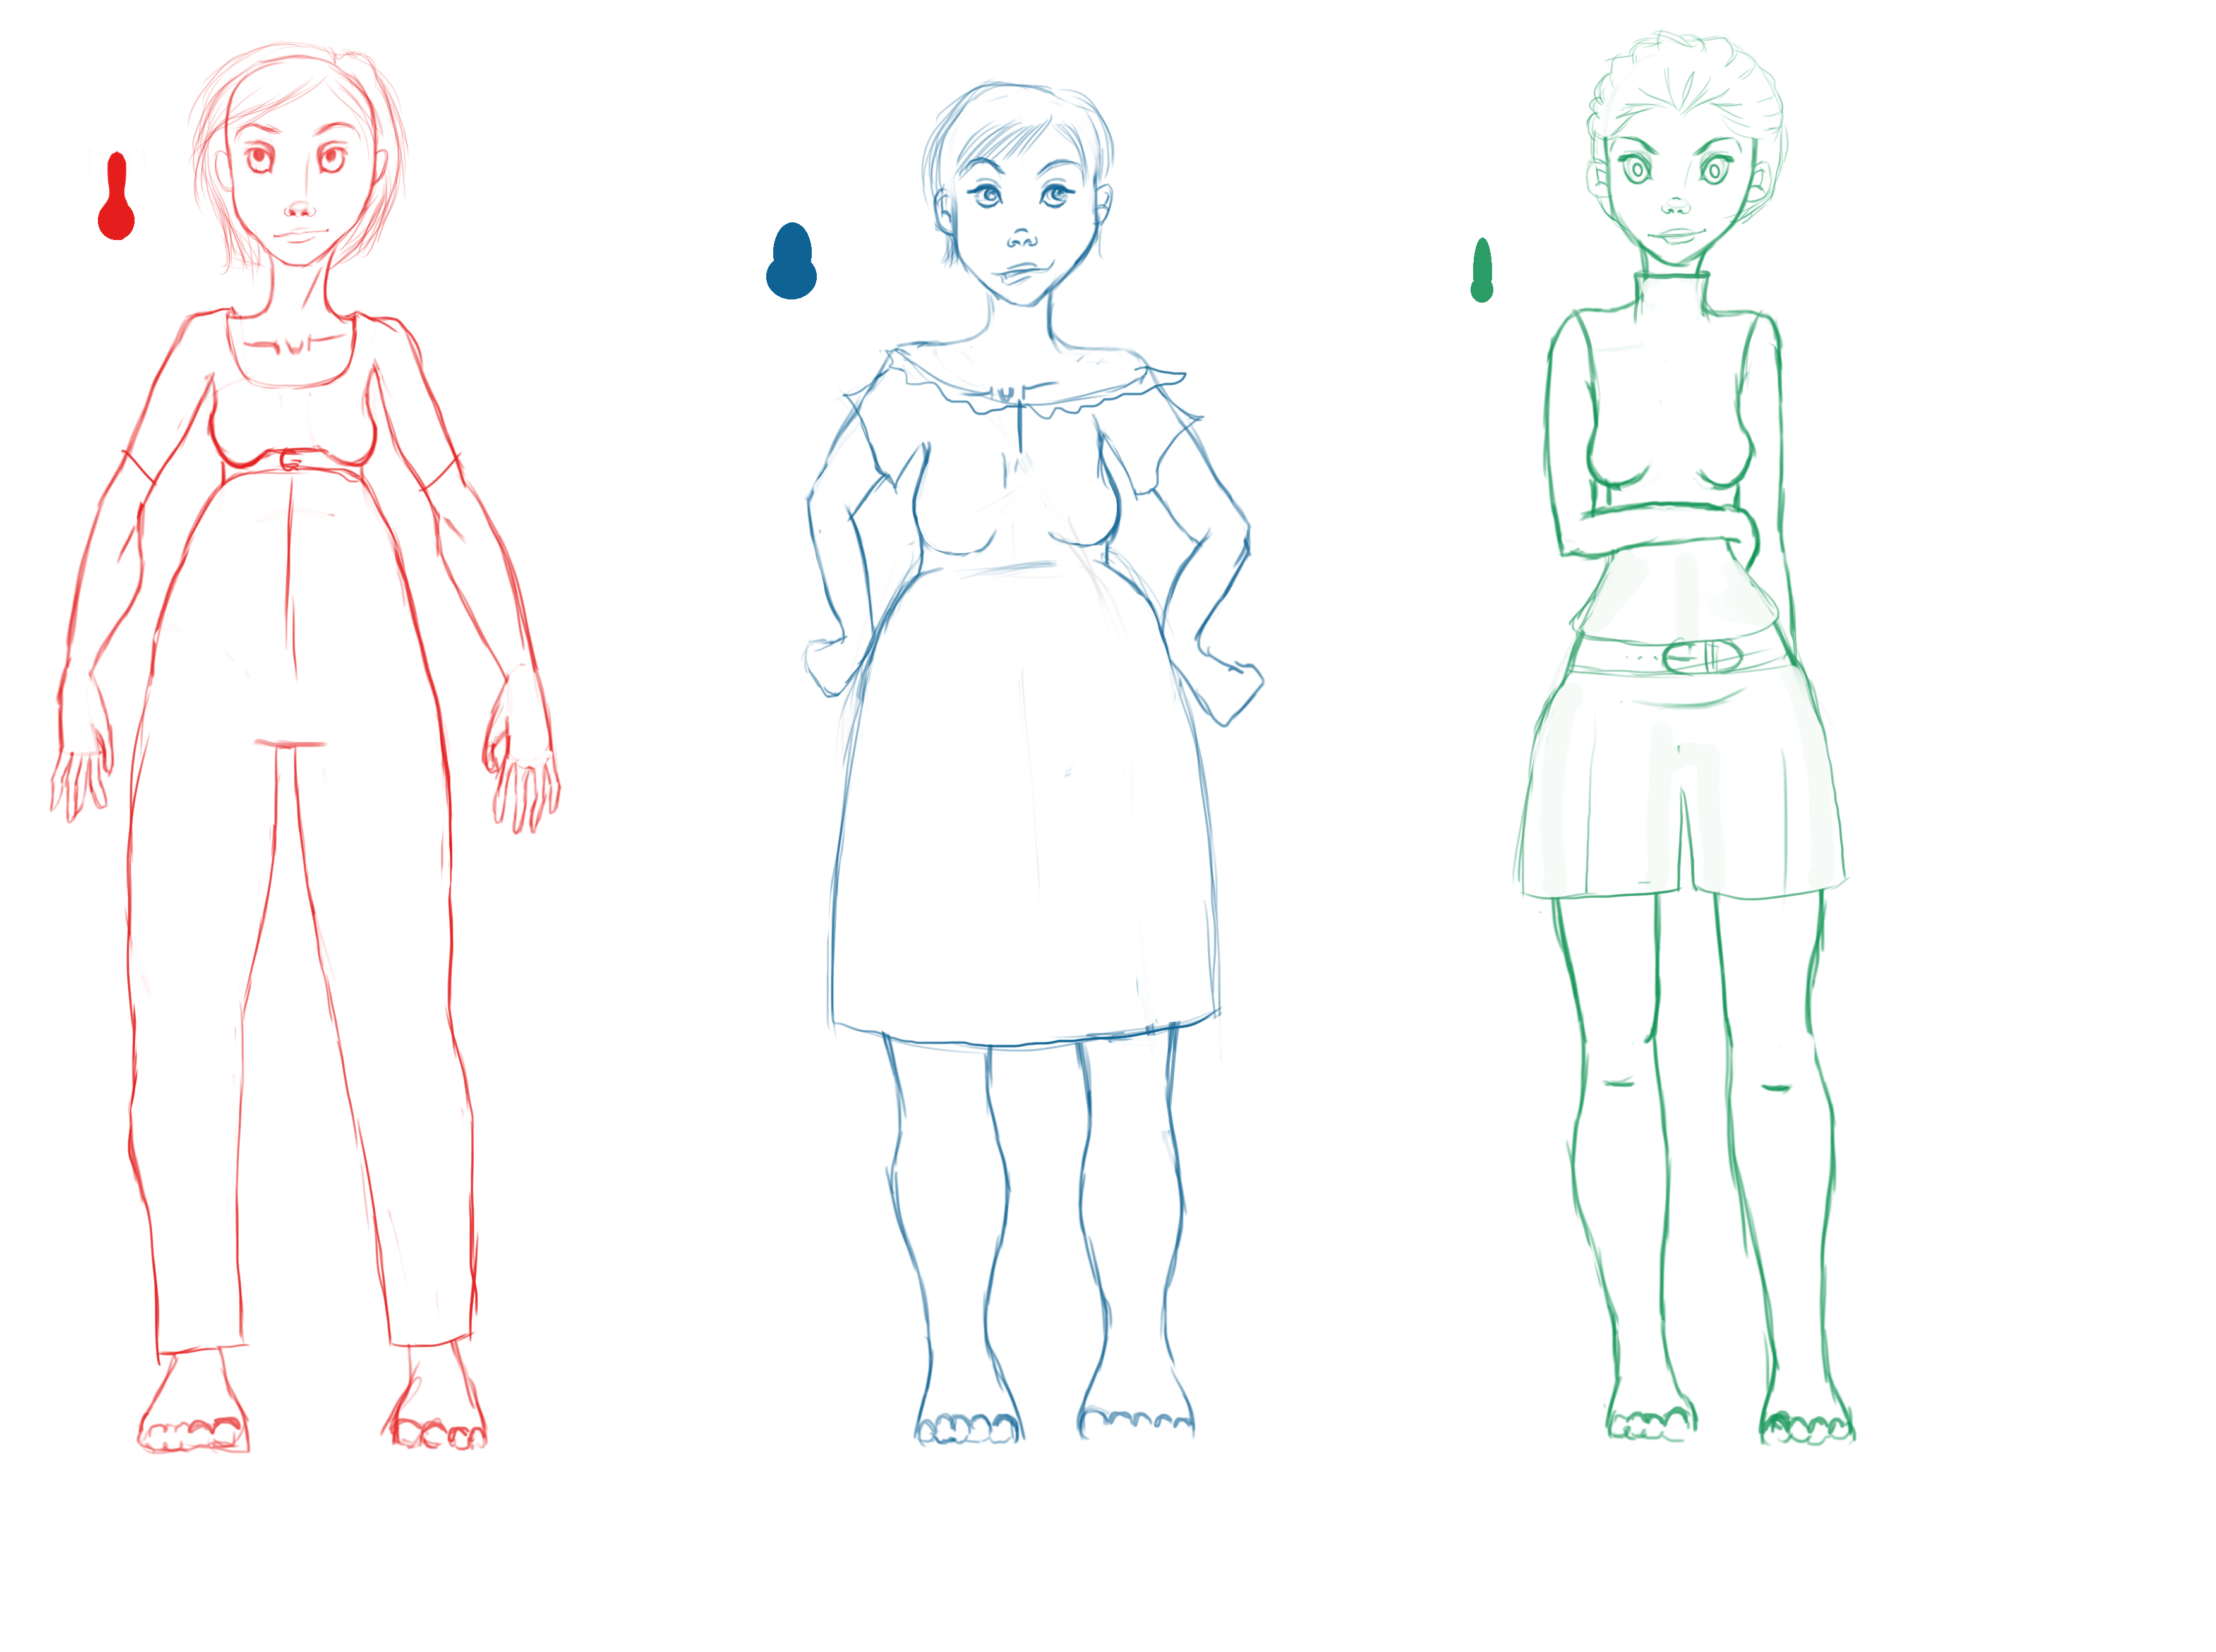 verschiedene weibliche k rpertypen zeichnen so zeichne ich teil 2 zeichne und gestalte. Black Bedroom Furniture Sets. Home Design Ideas